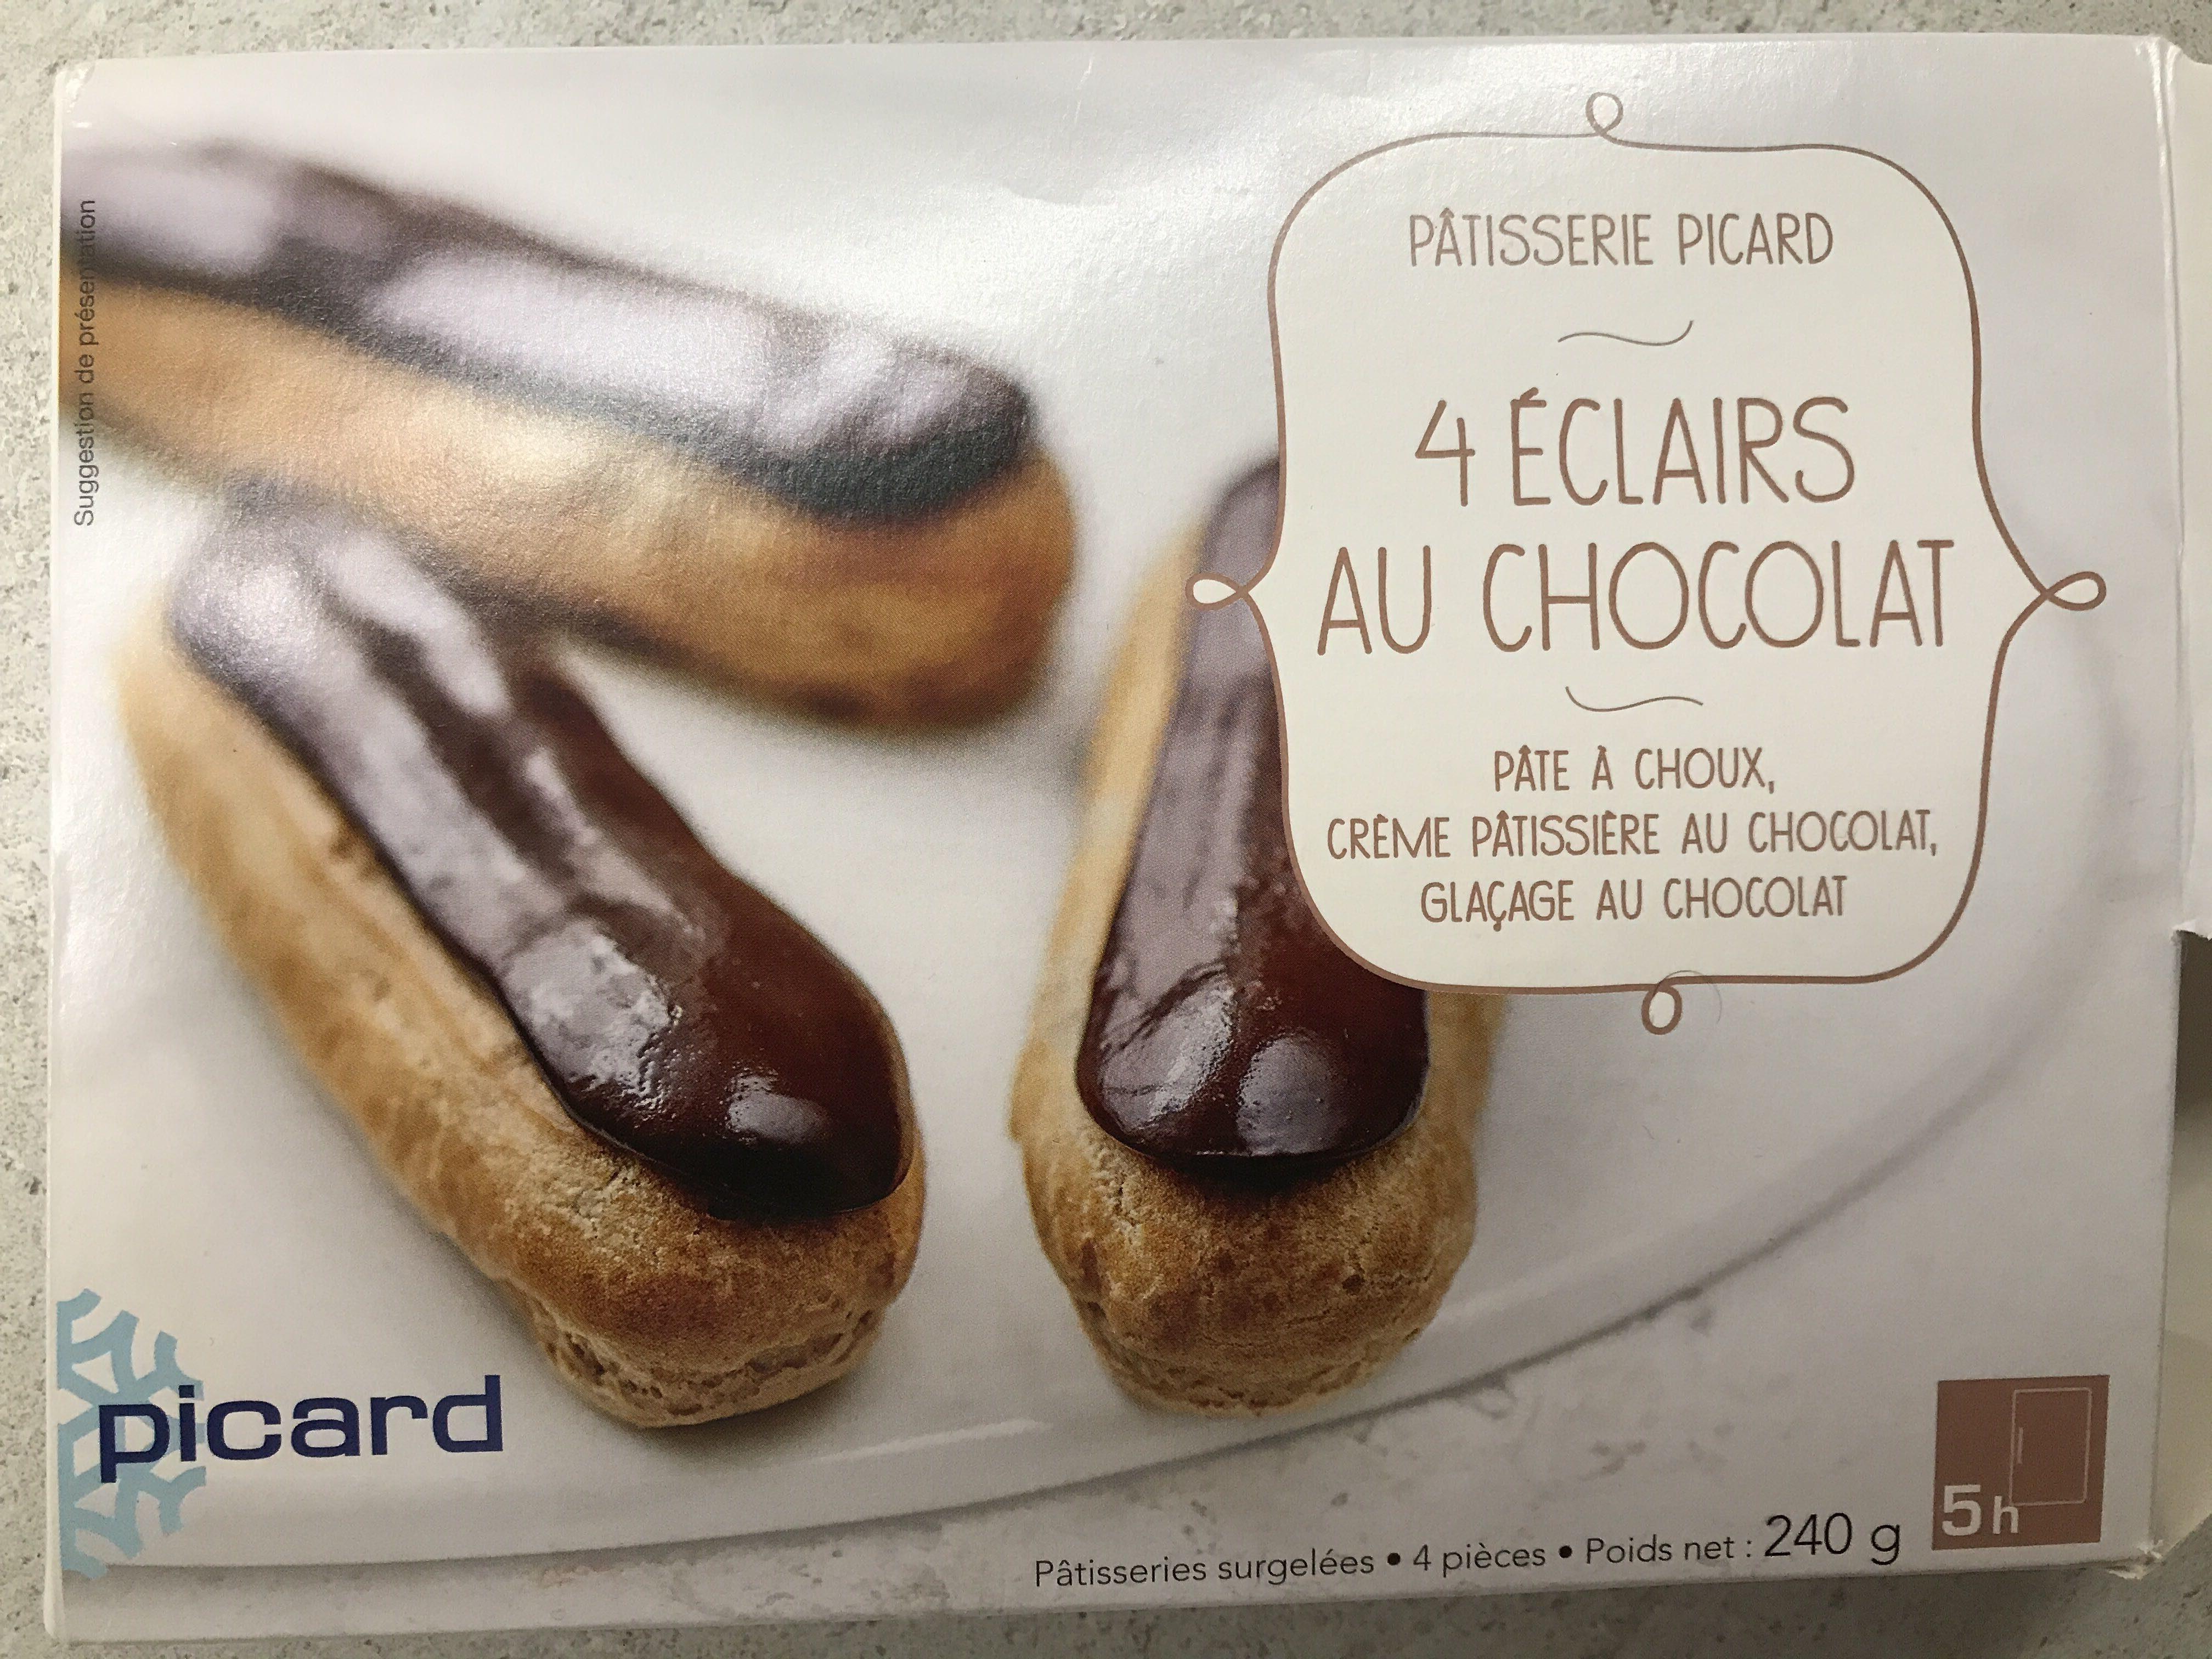 4 Éclairs au Chocolat - Product - en